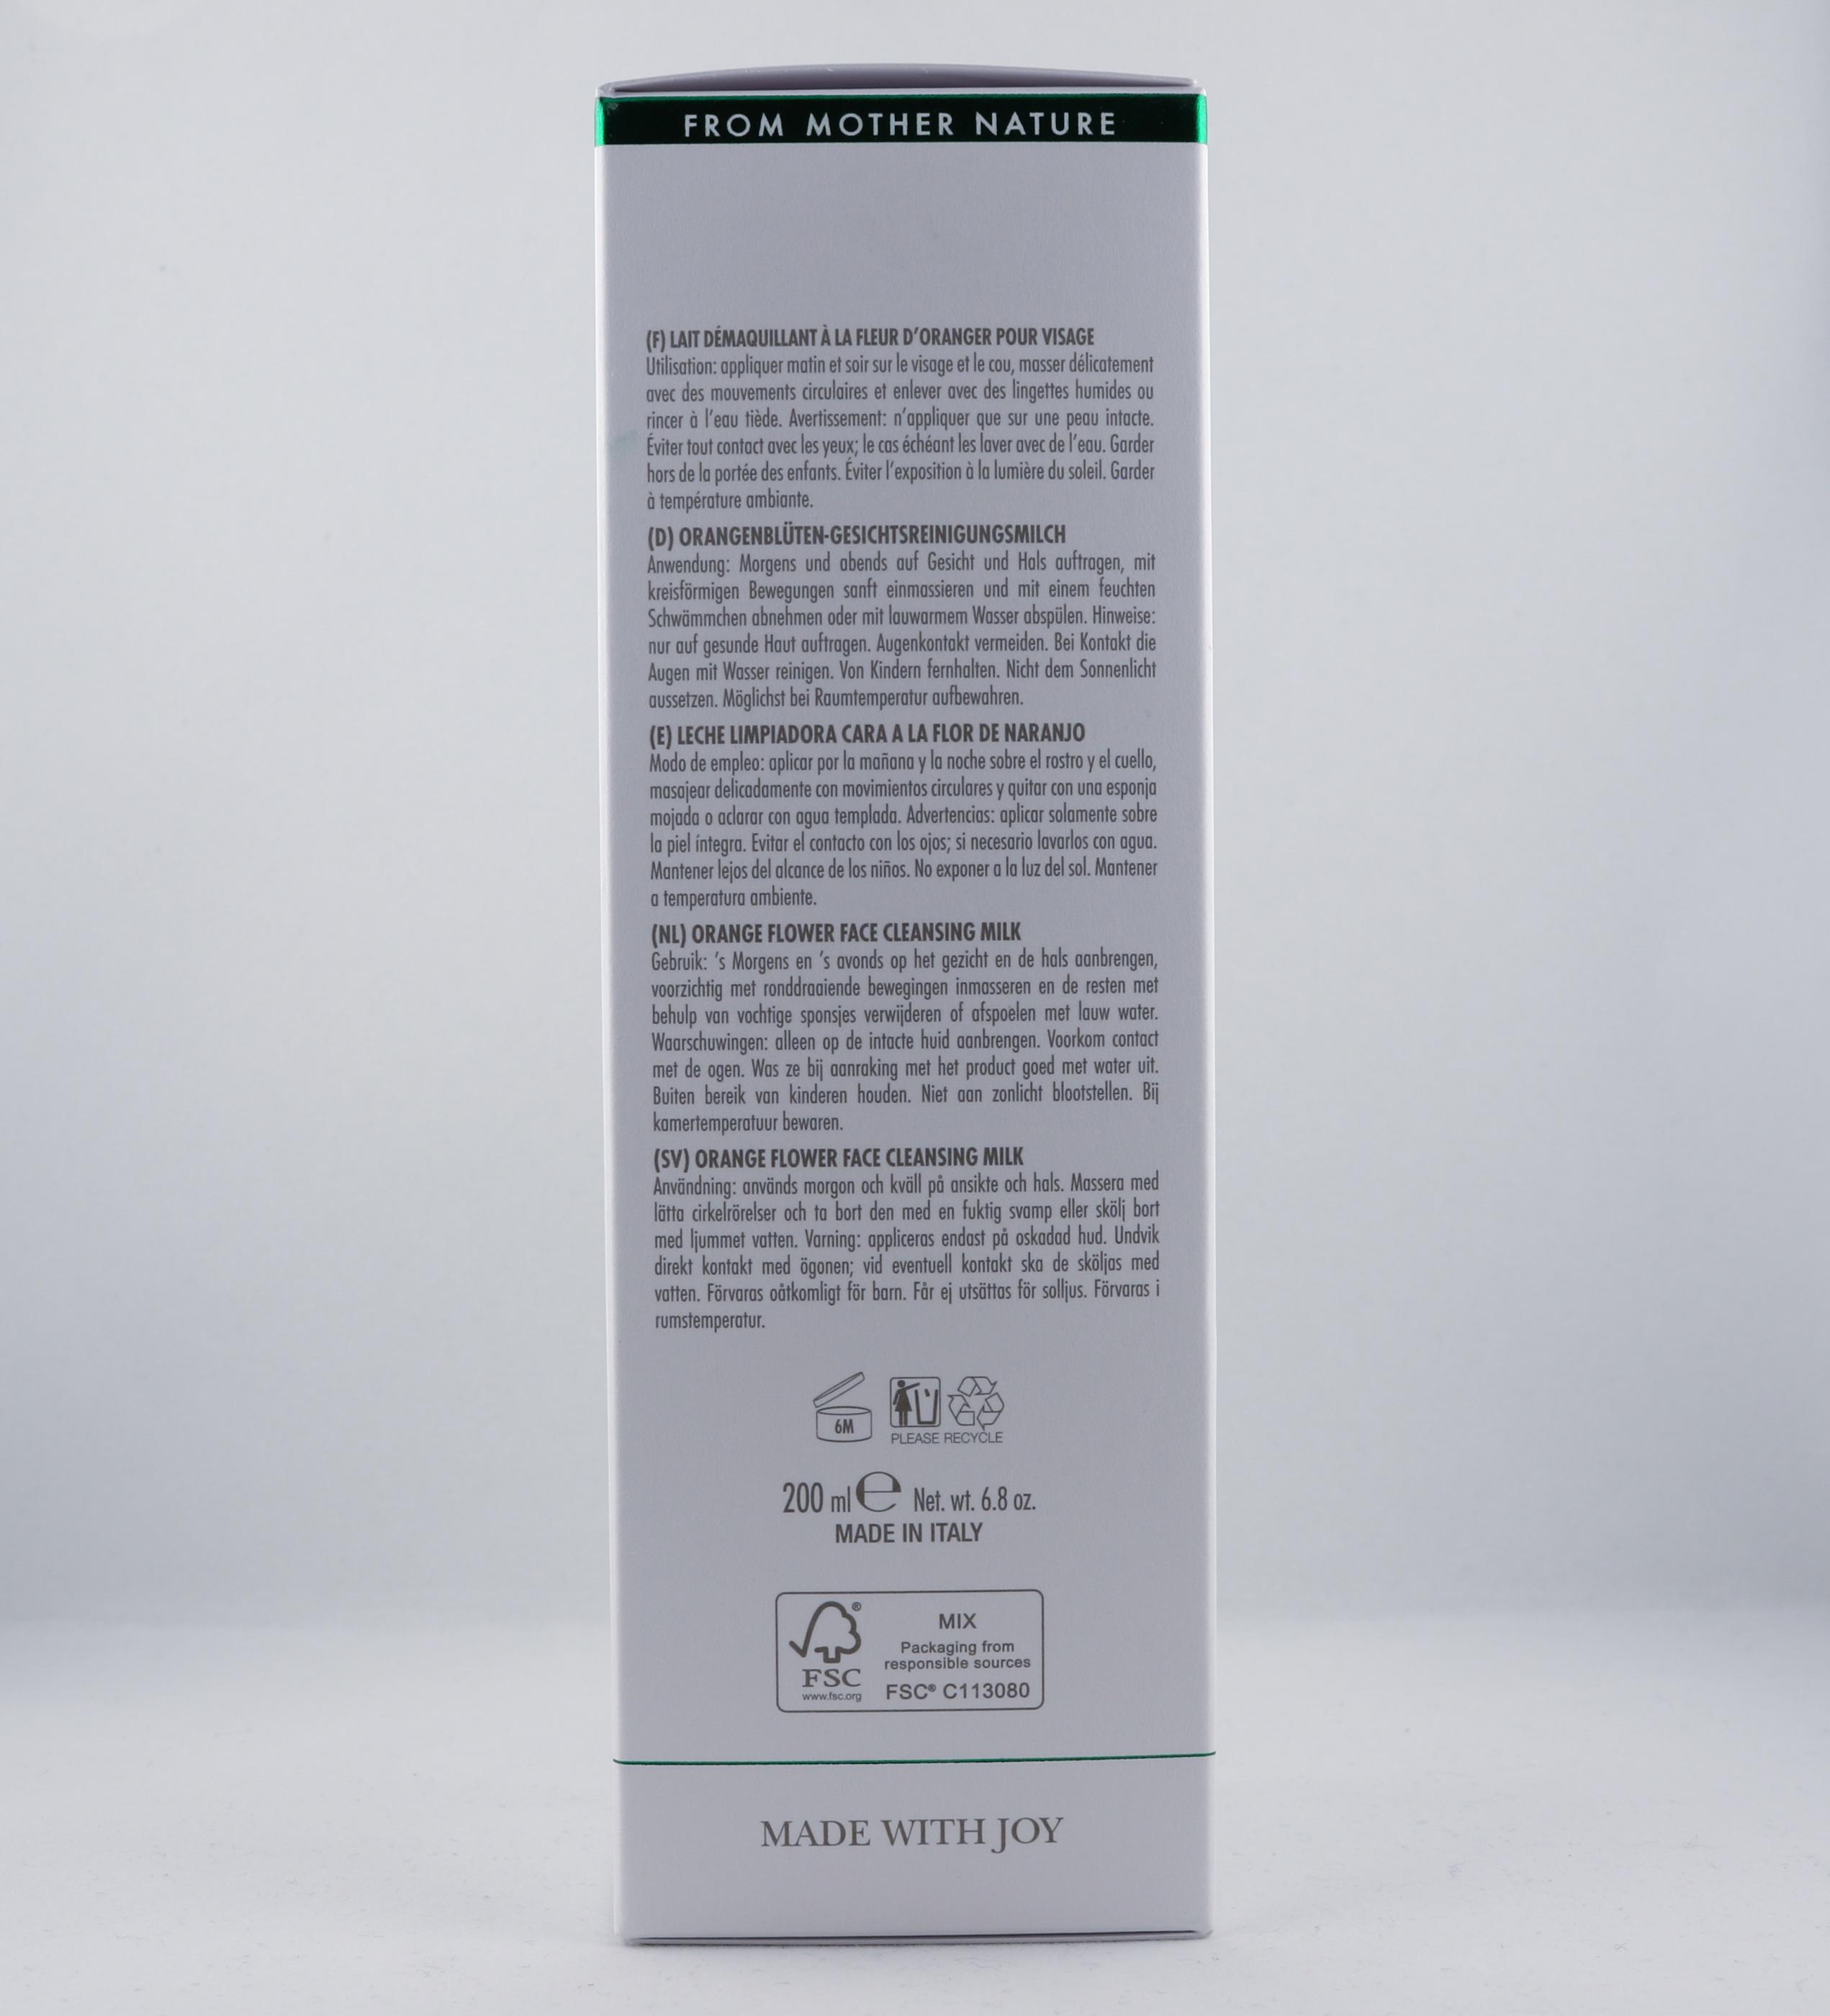 Vata Orange Flower Face Cleansing Milk hudvårdsprodukt hudvårdstyp alternativ hälsa wellness ayurveda hudvård